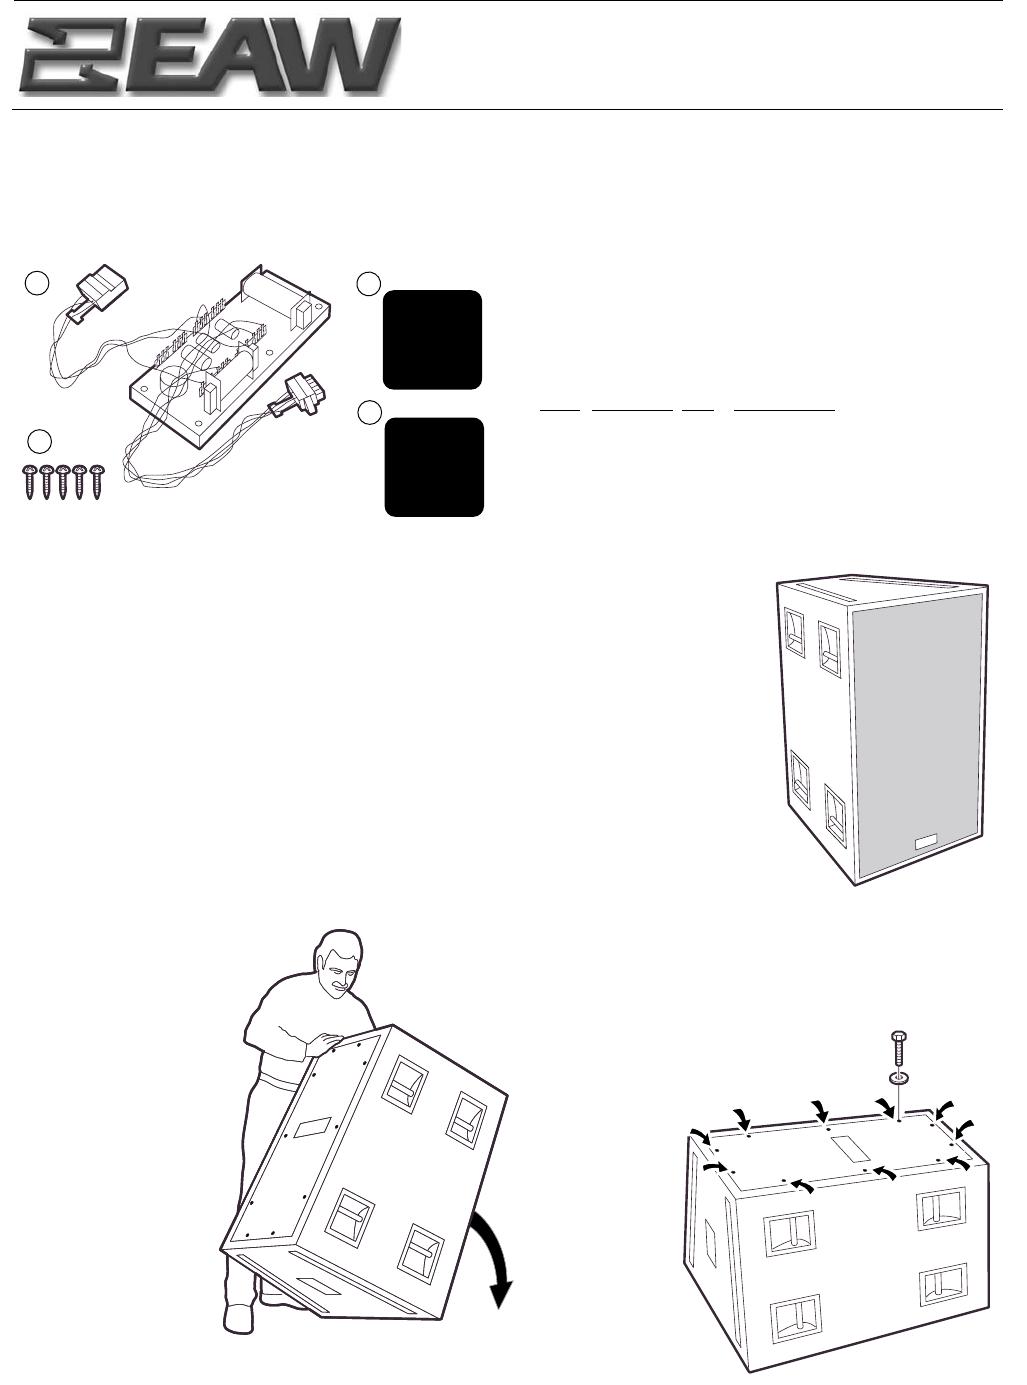 eaw portable speaker kf850z user guide